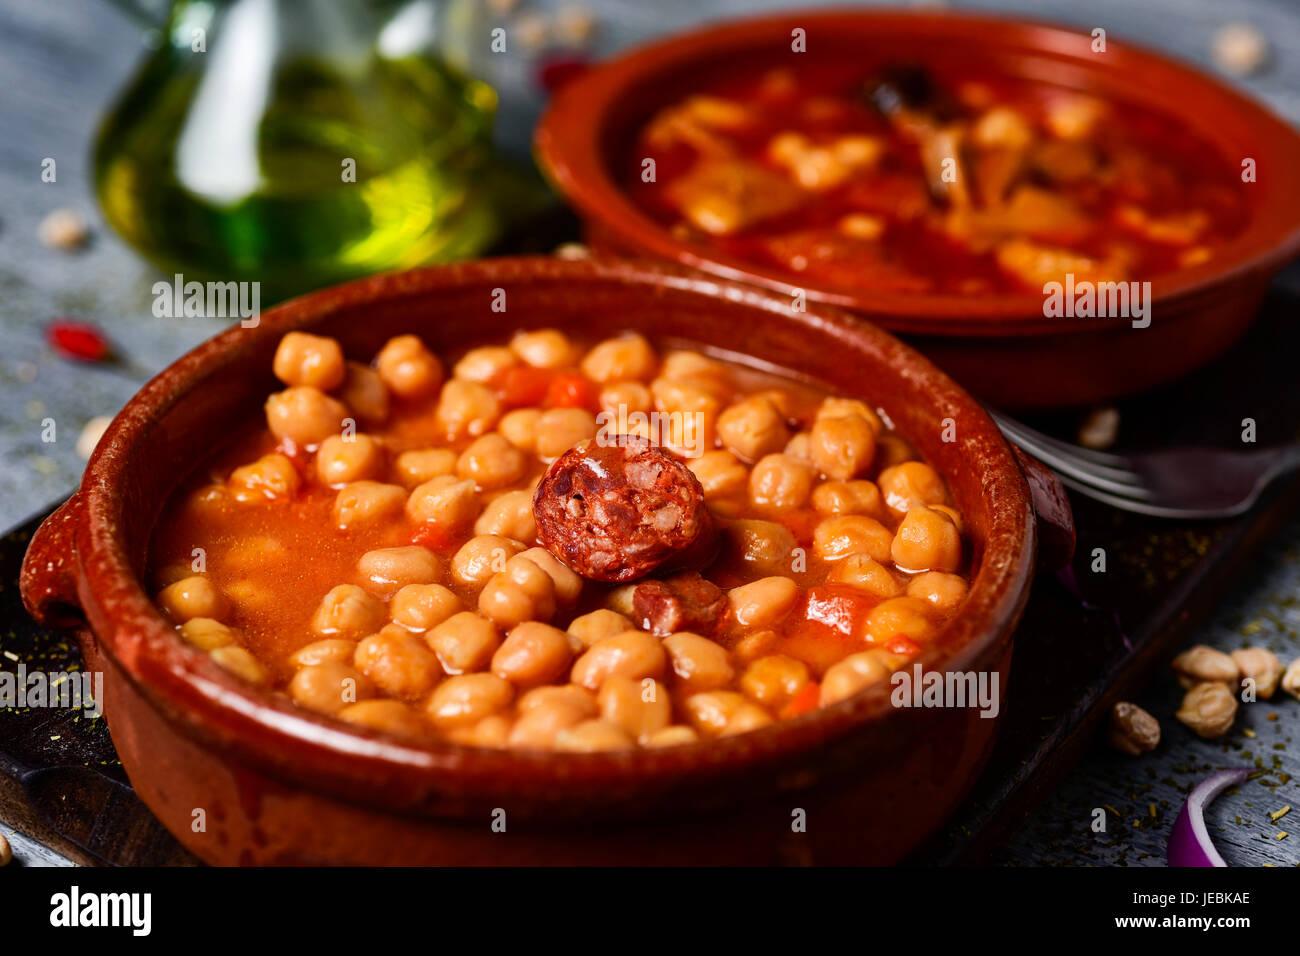 Nahaufnahme von einem Steingut-Schale mit Potaje de Garbanzos, ein Kichererbsen-Eintopf mit Chorizo, Serrano-Schinken Stockbild